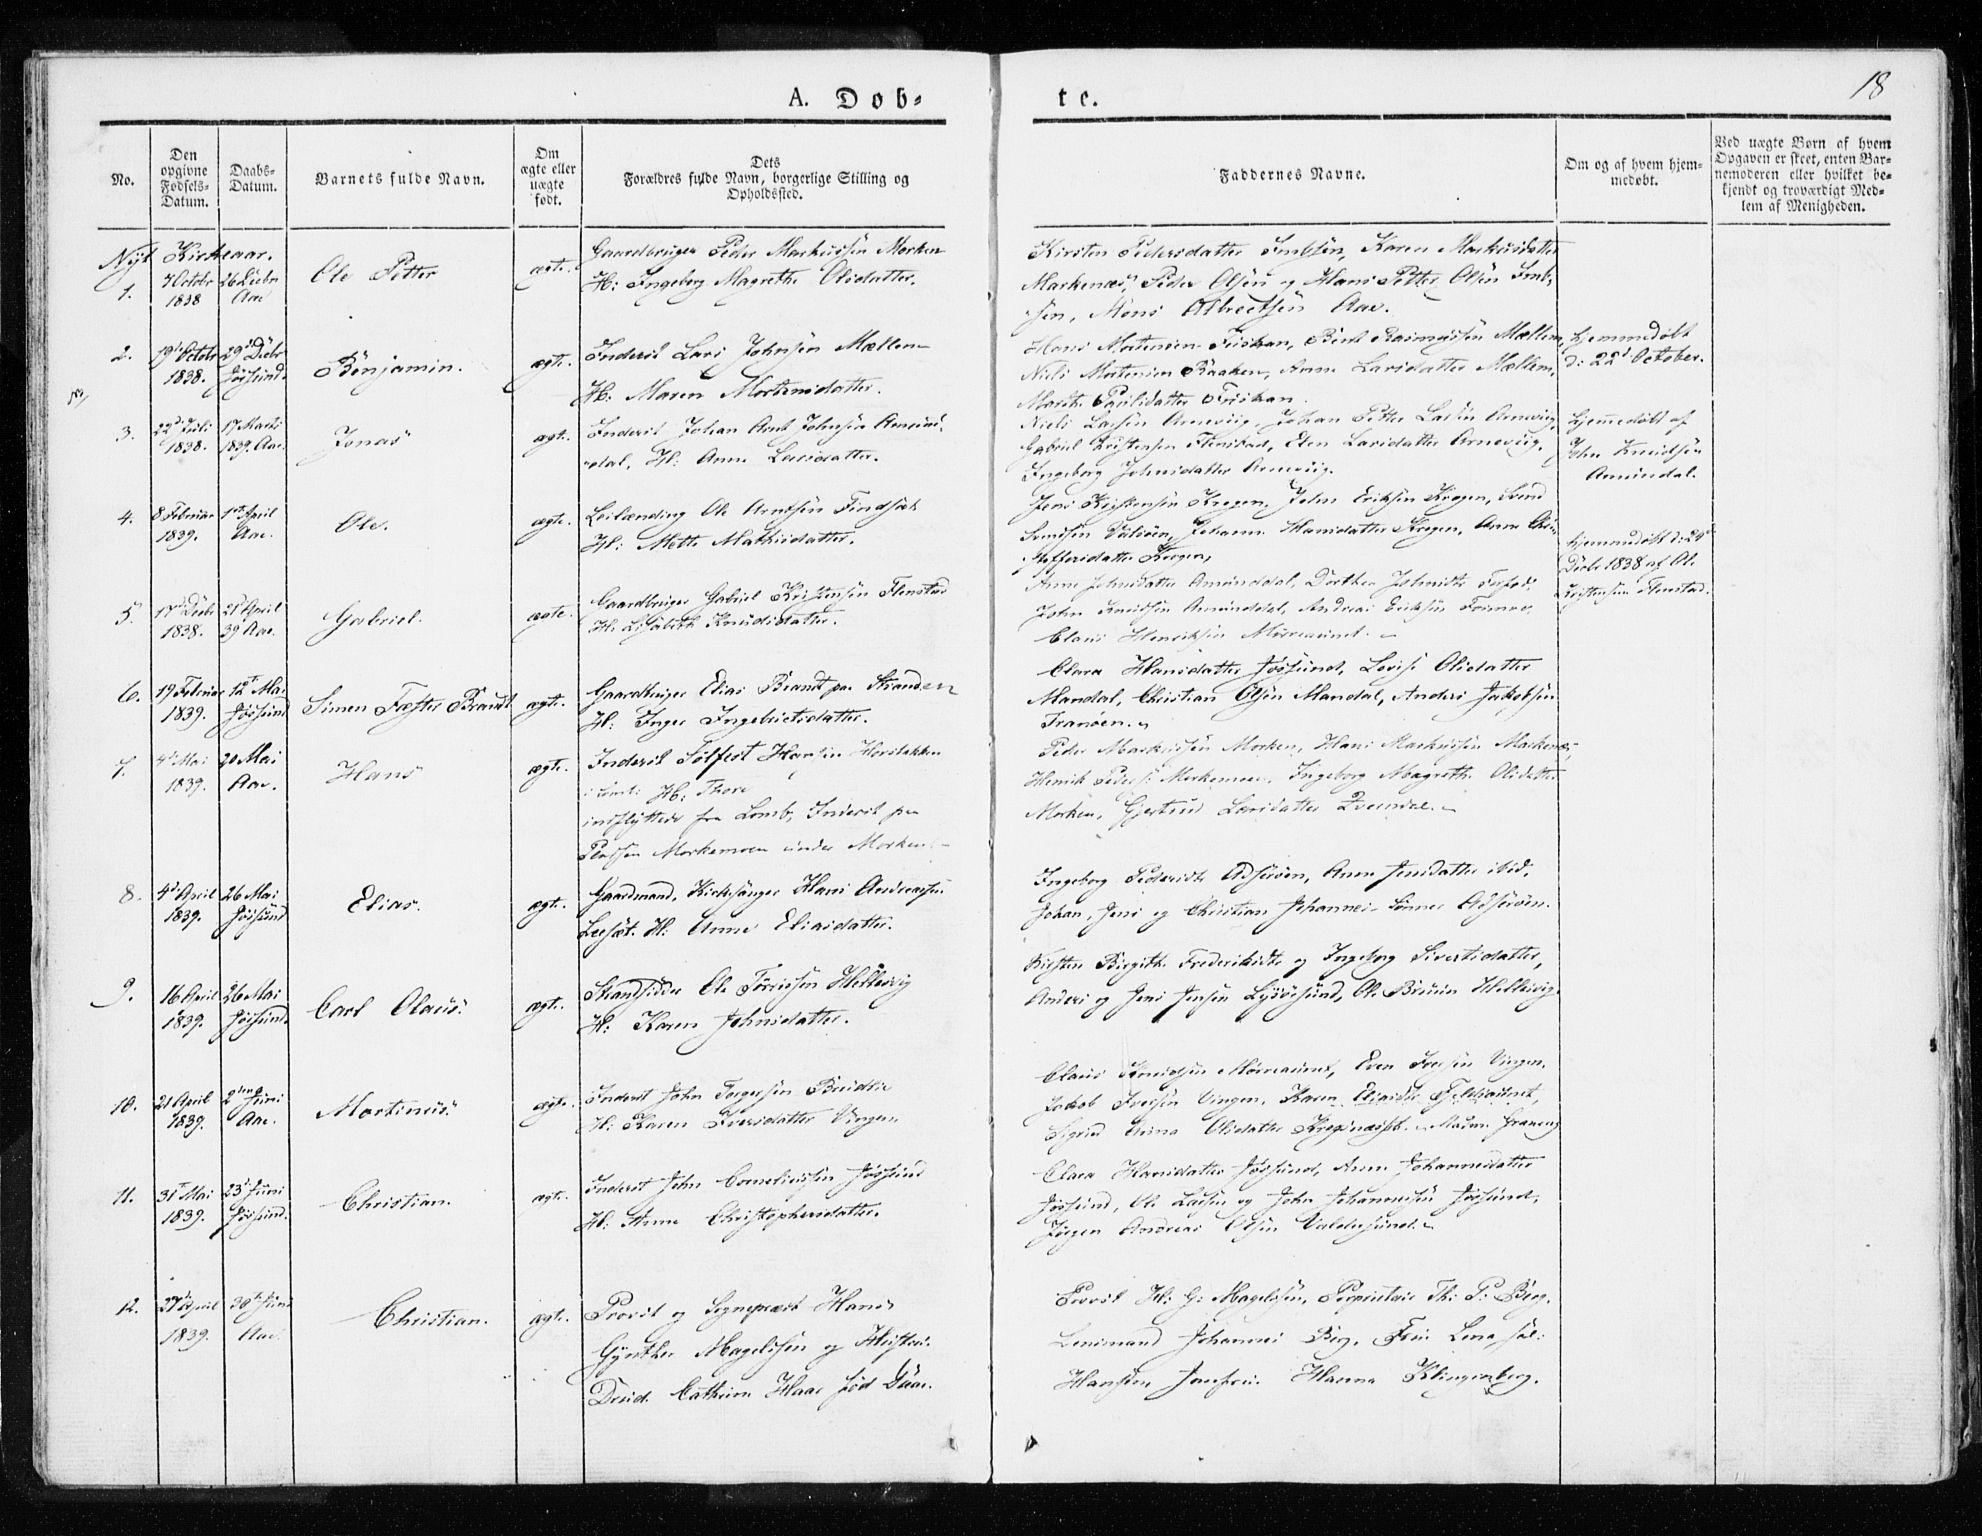 SAT, Ministerialprotokoller, klokkerbøker og fødselsregistre - Sør-Trøndelag, 655/L0676: Ministerialbok nr. 655A05, 1830-1847, s. 18